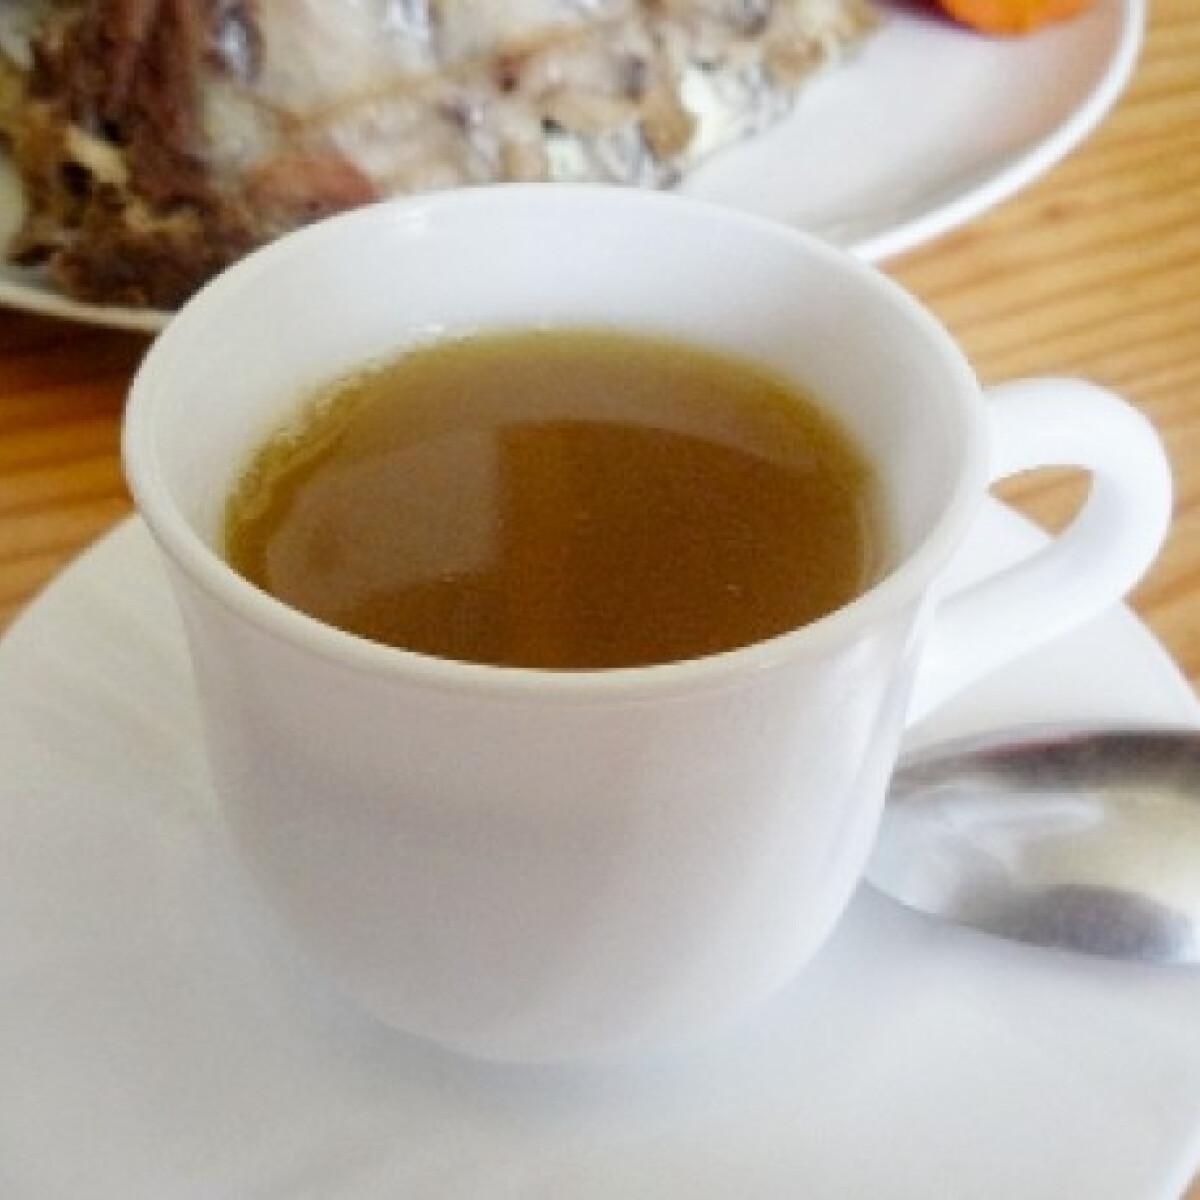 Ezen a képen: Sertés eszencia leves